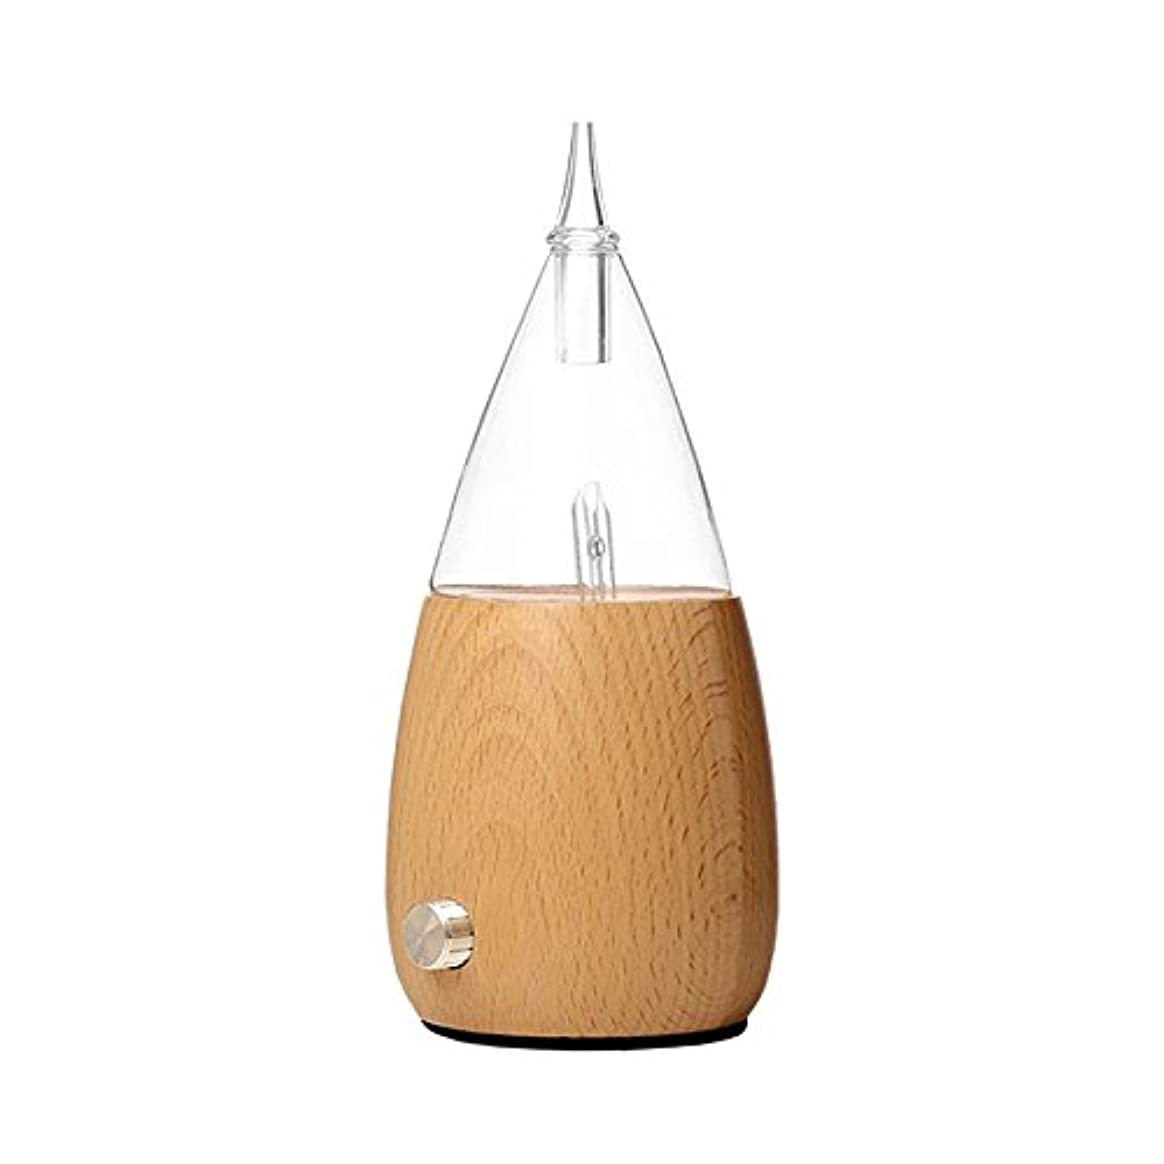 密接にバブル閉じ込めるWaterless Essential Oil Nebulizer with Fast Difussion、超音波アロマテラピーFragrant Oil Vaporizer加湿器、自然と芸術的夜ライトギフトfor Friends in木製とガラス